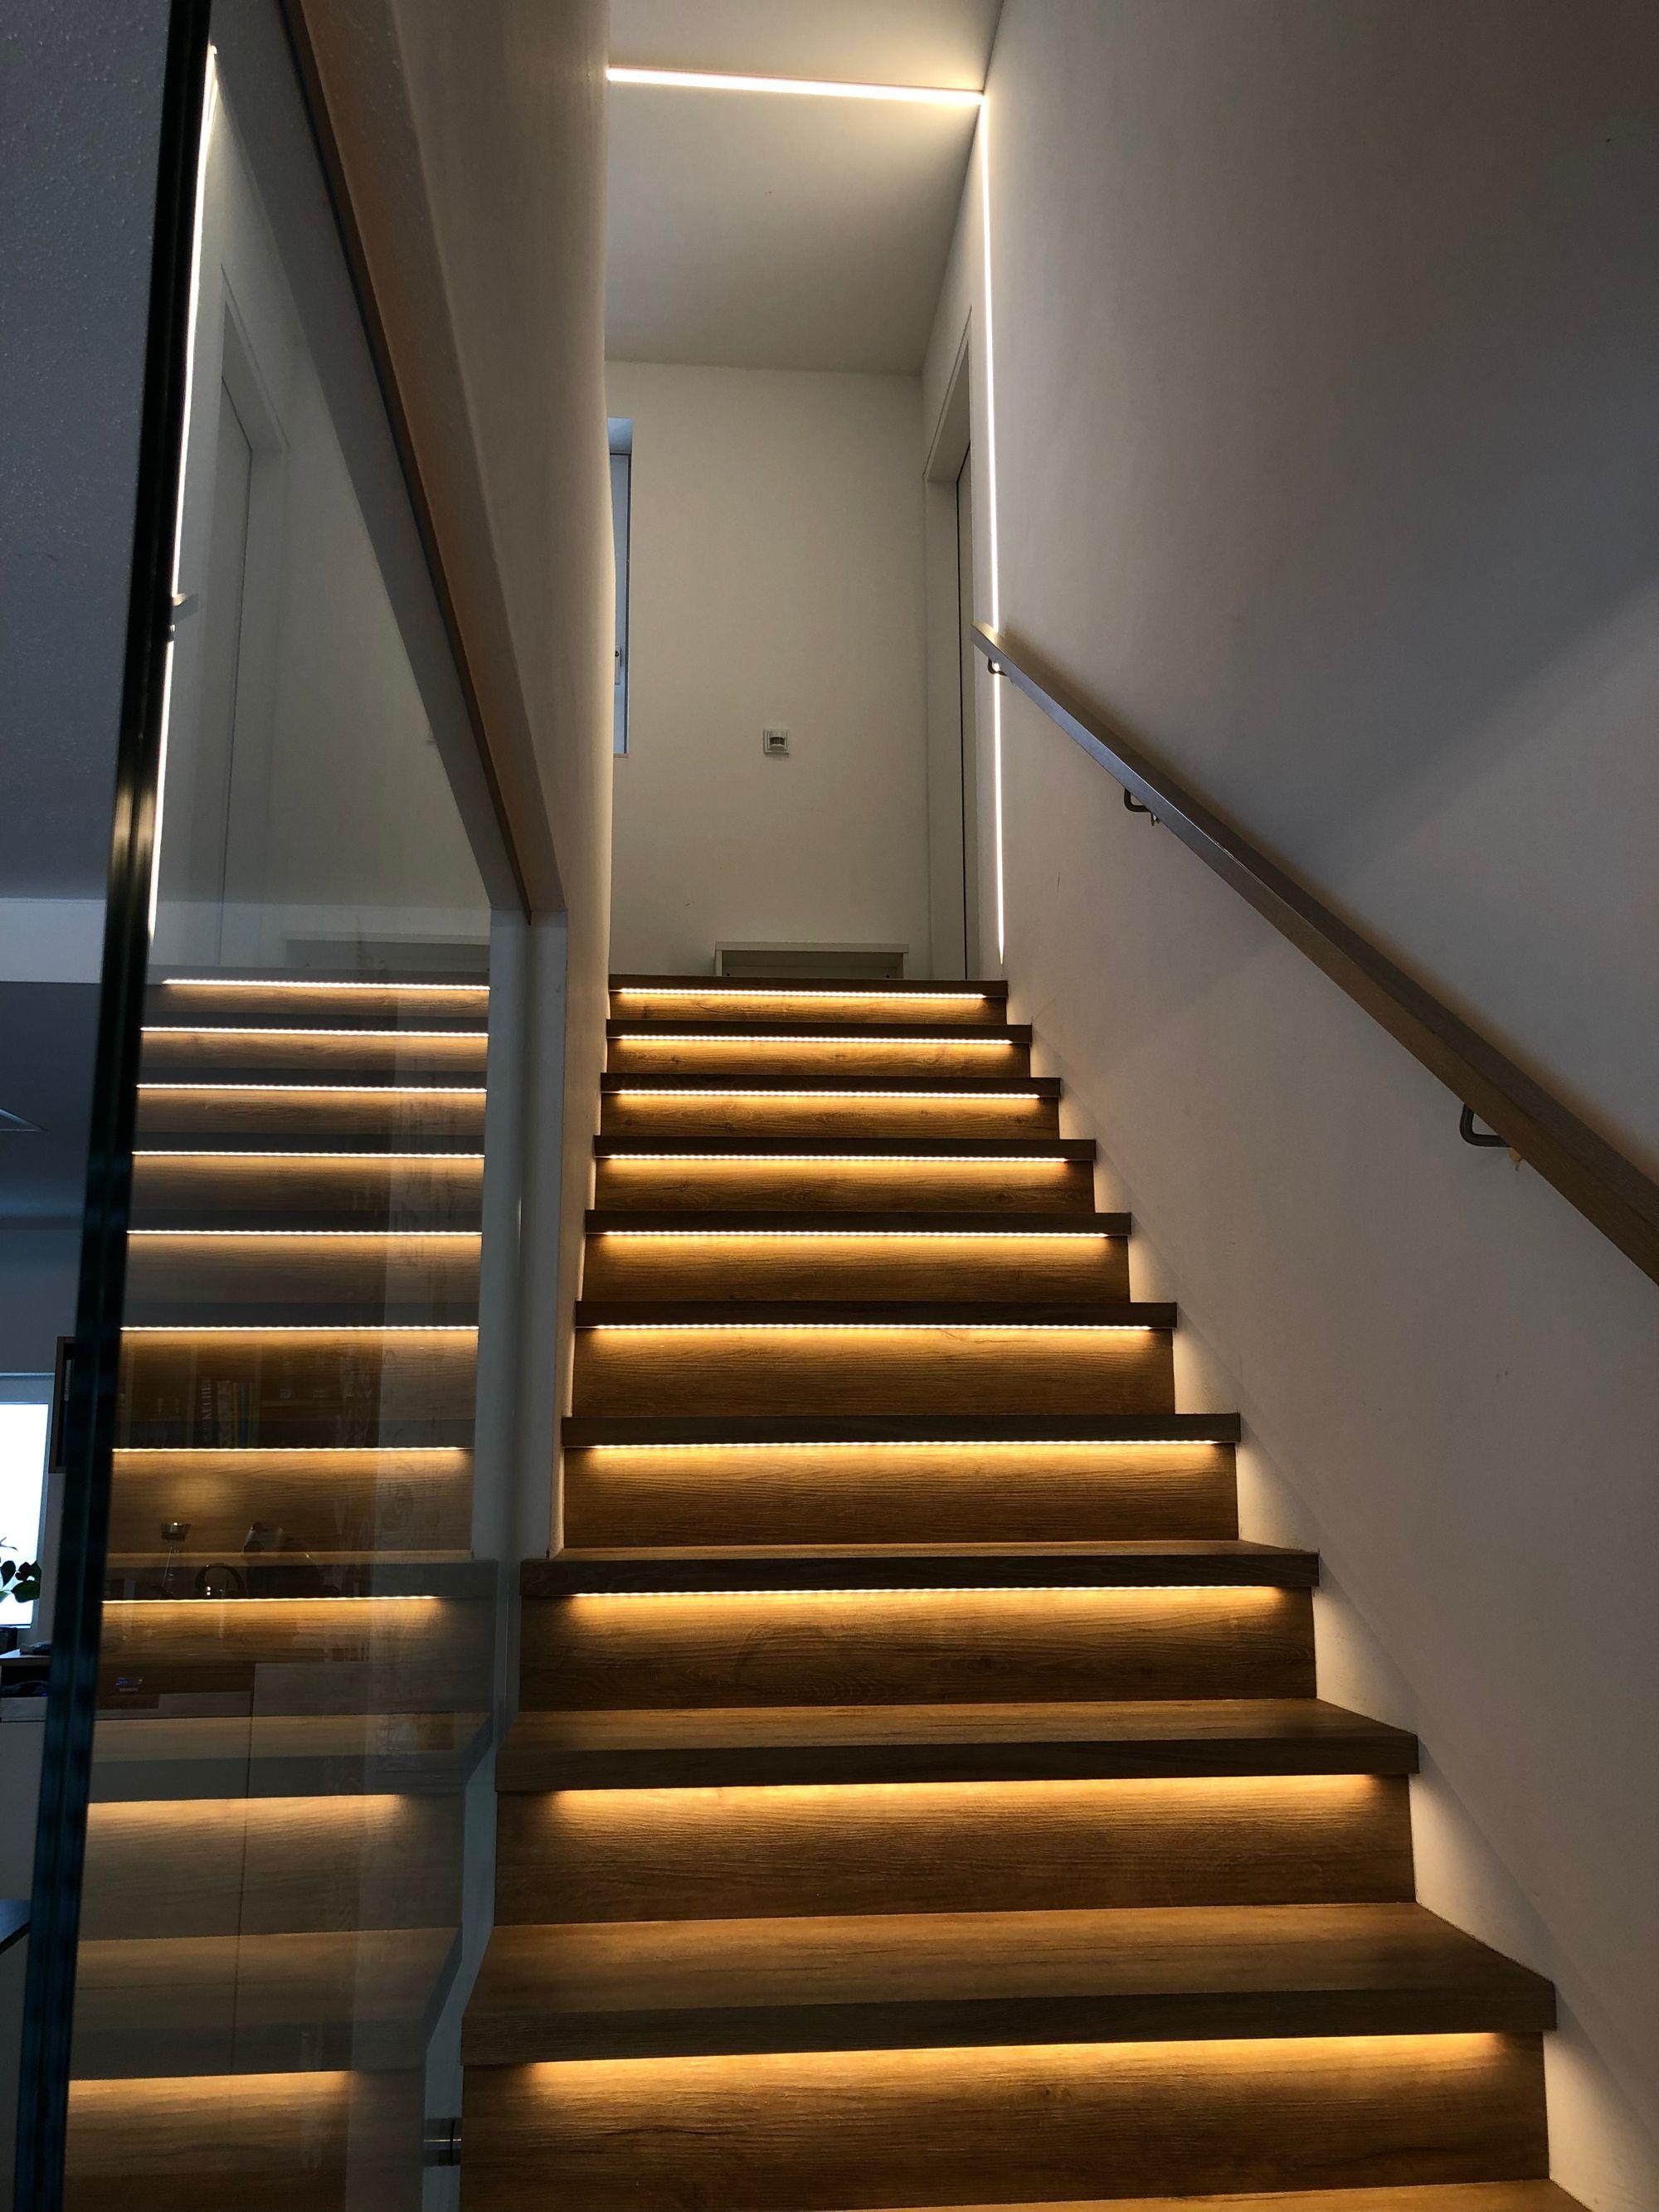 Spannende Lichtakzente im Treppenhaus: Ein tolles Beispiel